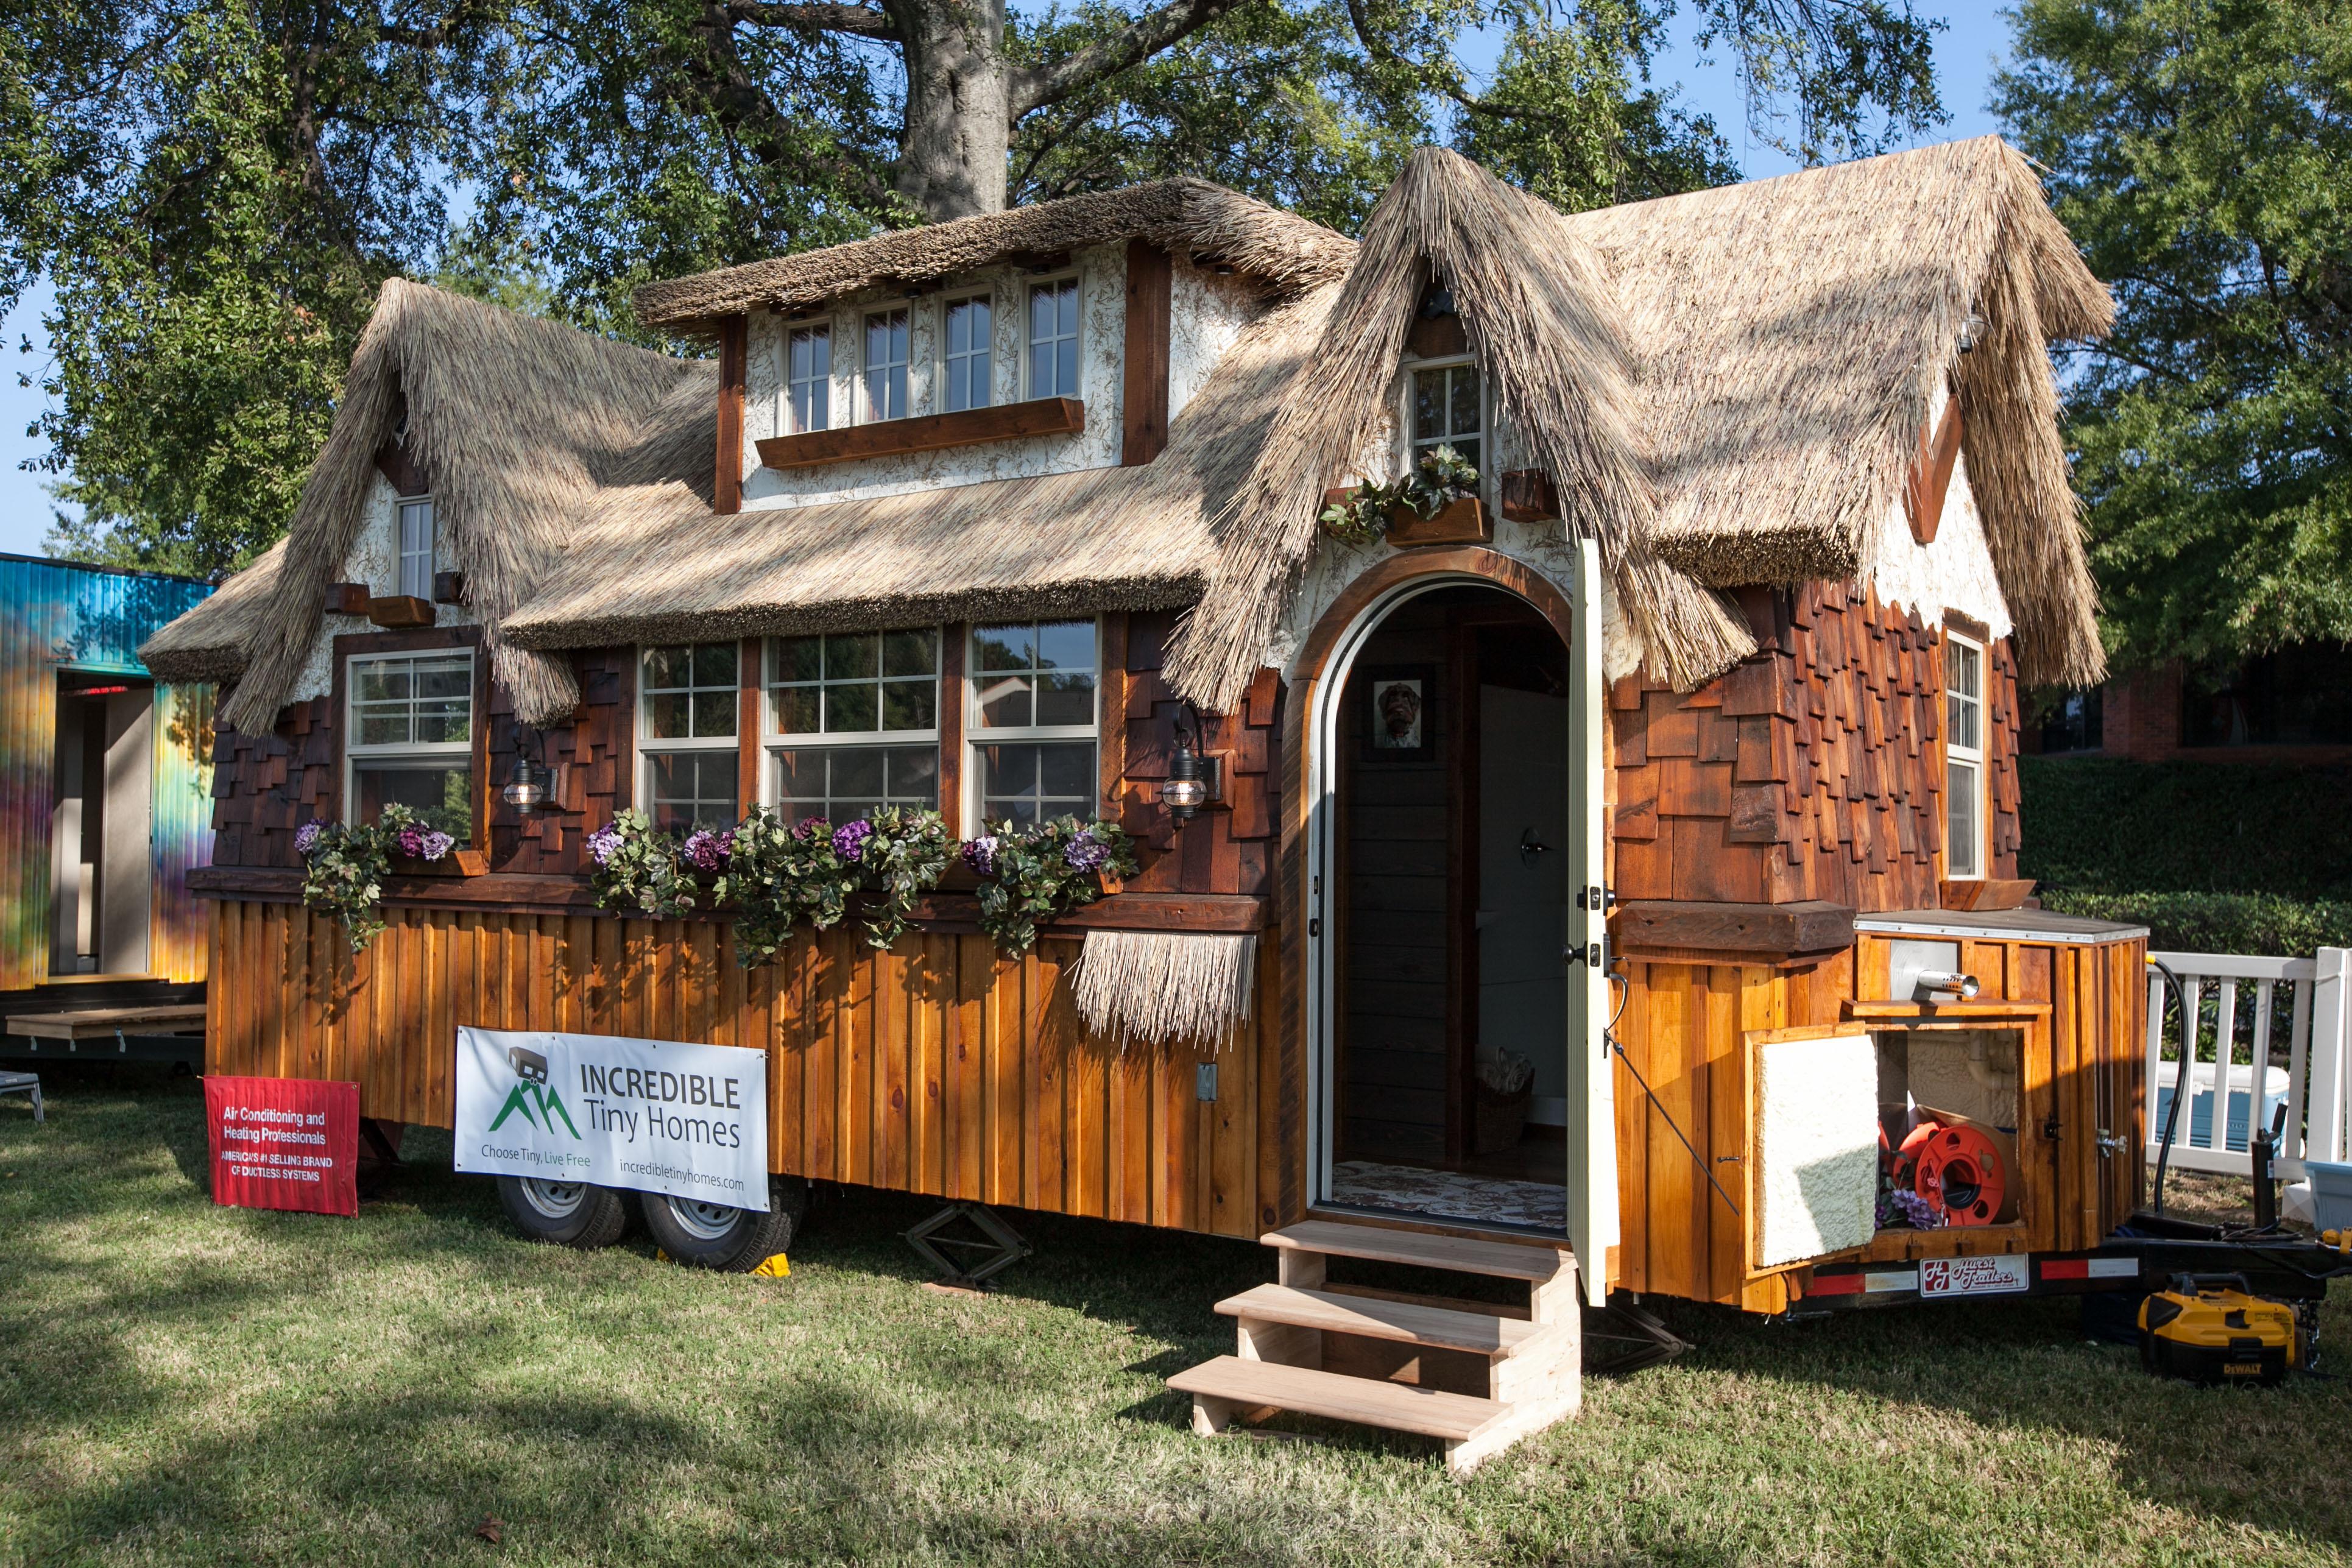 Atlanta Real Estate Blog Tiny Homes in Atlanta: Will Tiny